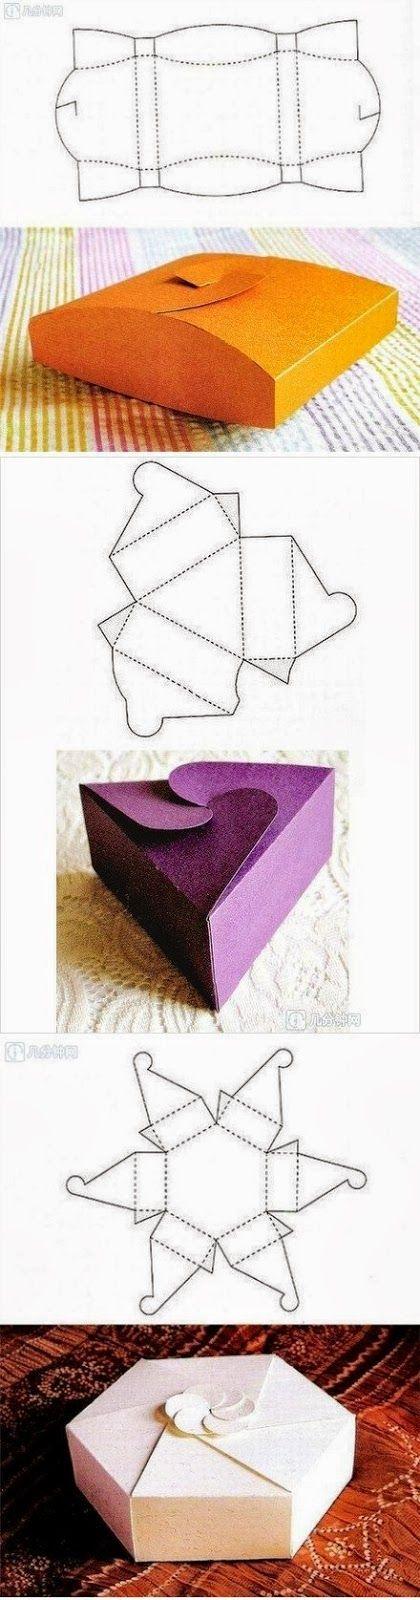 Plantillas para cajas originales / original boxes patterns